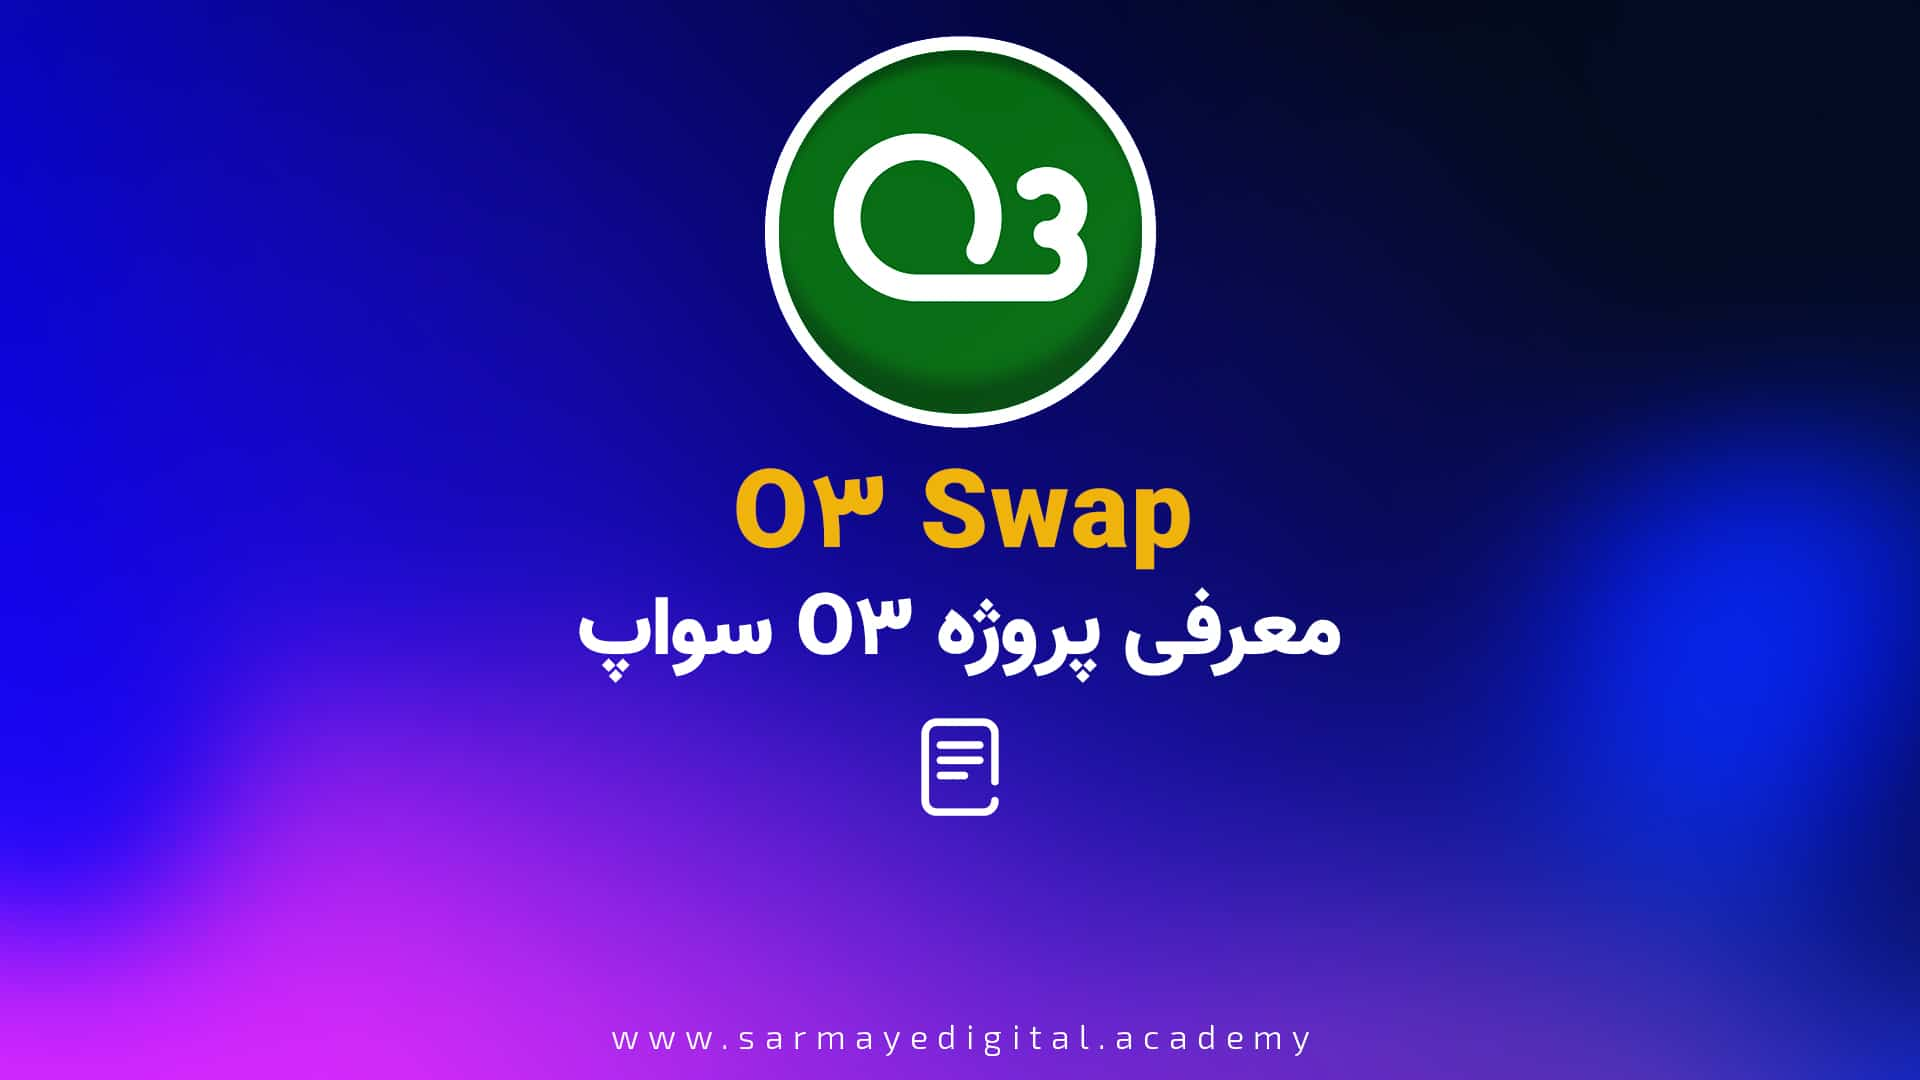 O3 swap